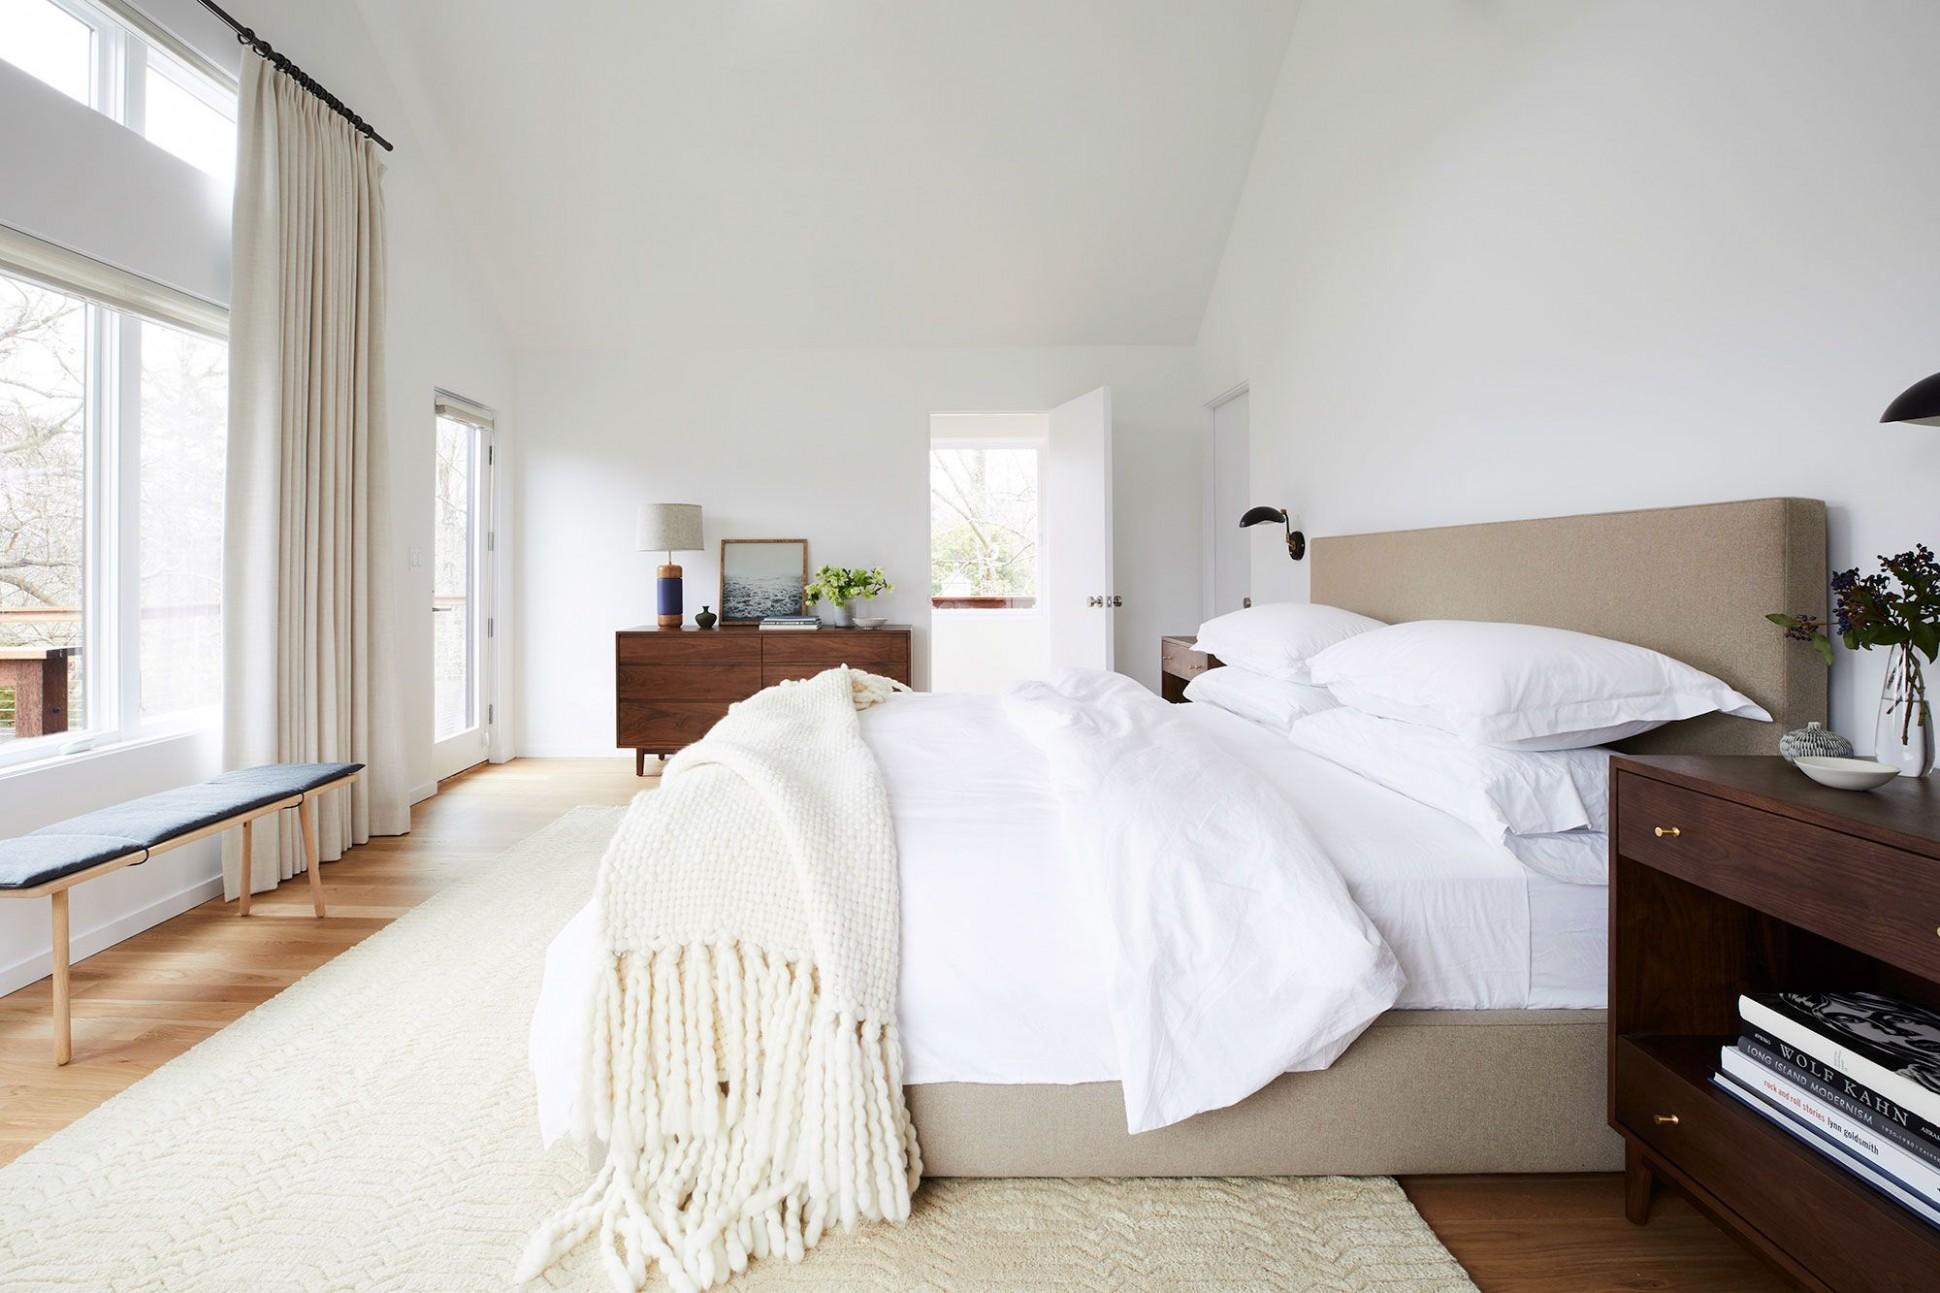 12 Cozy Bedroom Ideas - How To Make Your Bedroom Feel Cozy - Bedroom Ideas Cosy